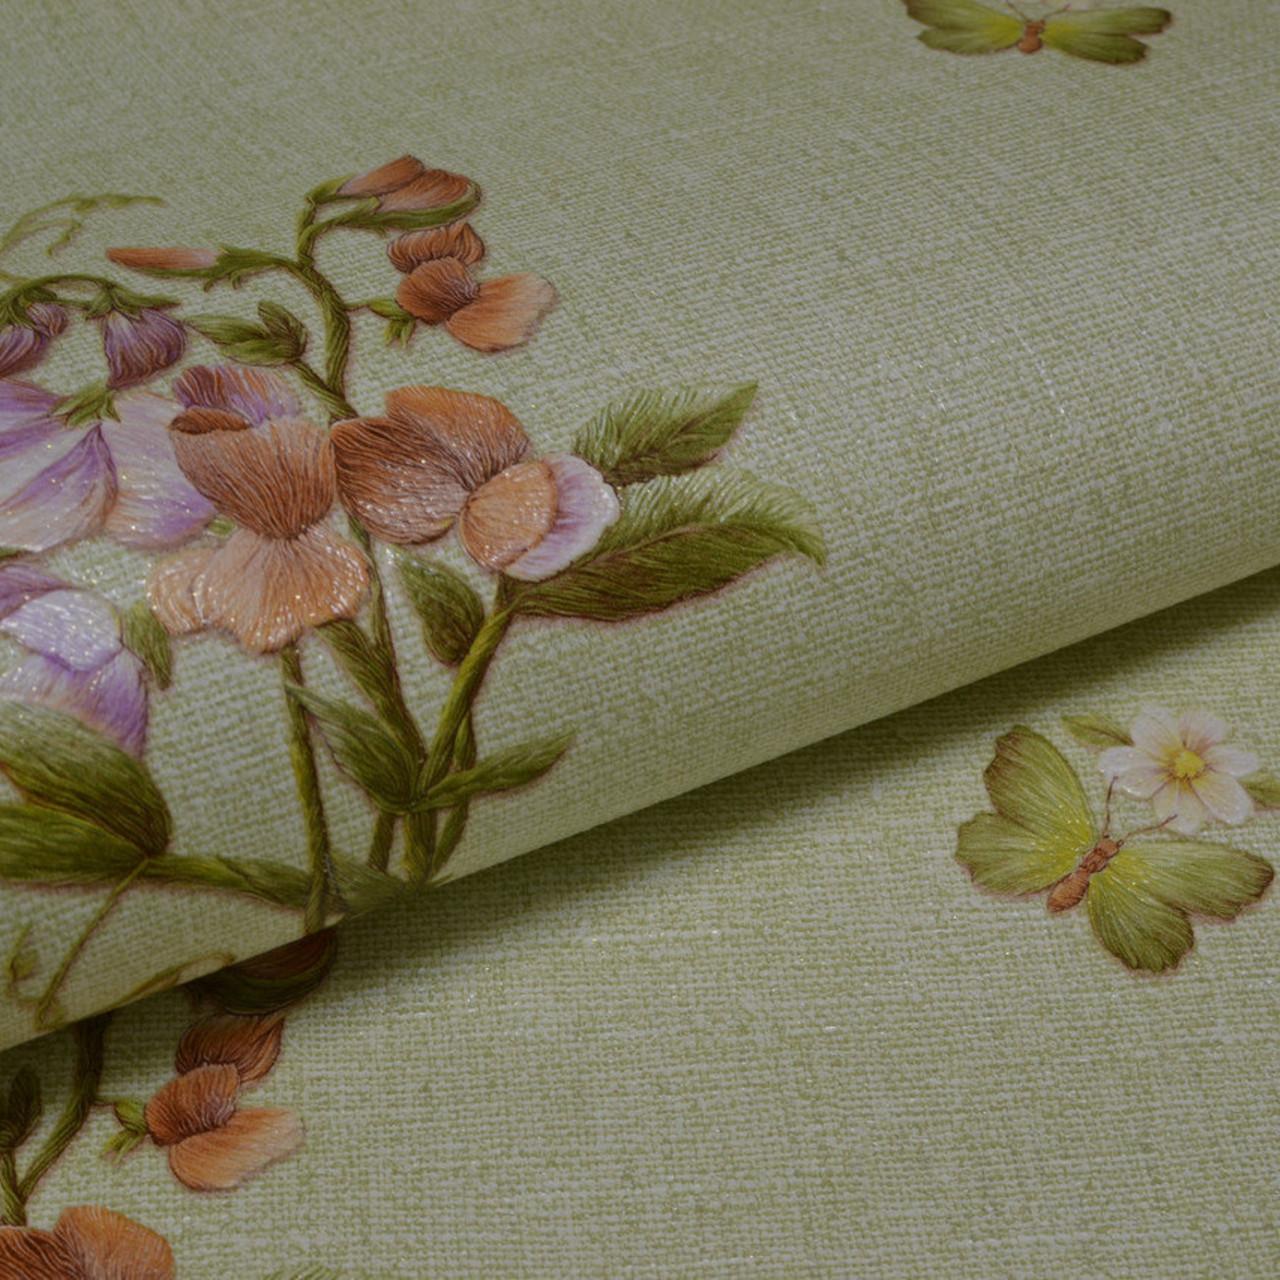 Обои, обои на стену, дуплекс, бумажная основа, цветы, B64,4 Фиалка 8093-04, 0,53*10м, (і